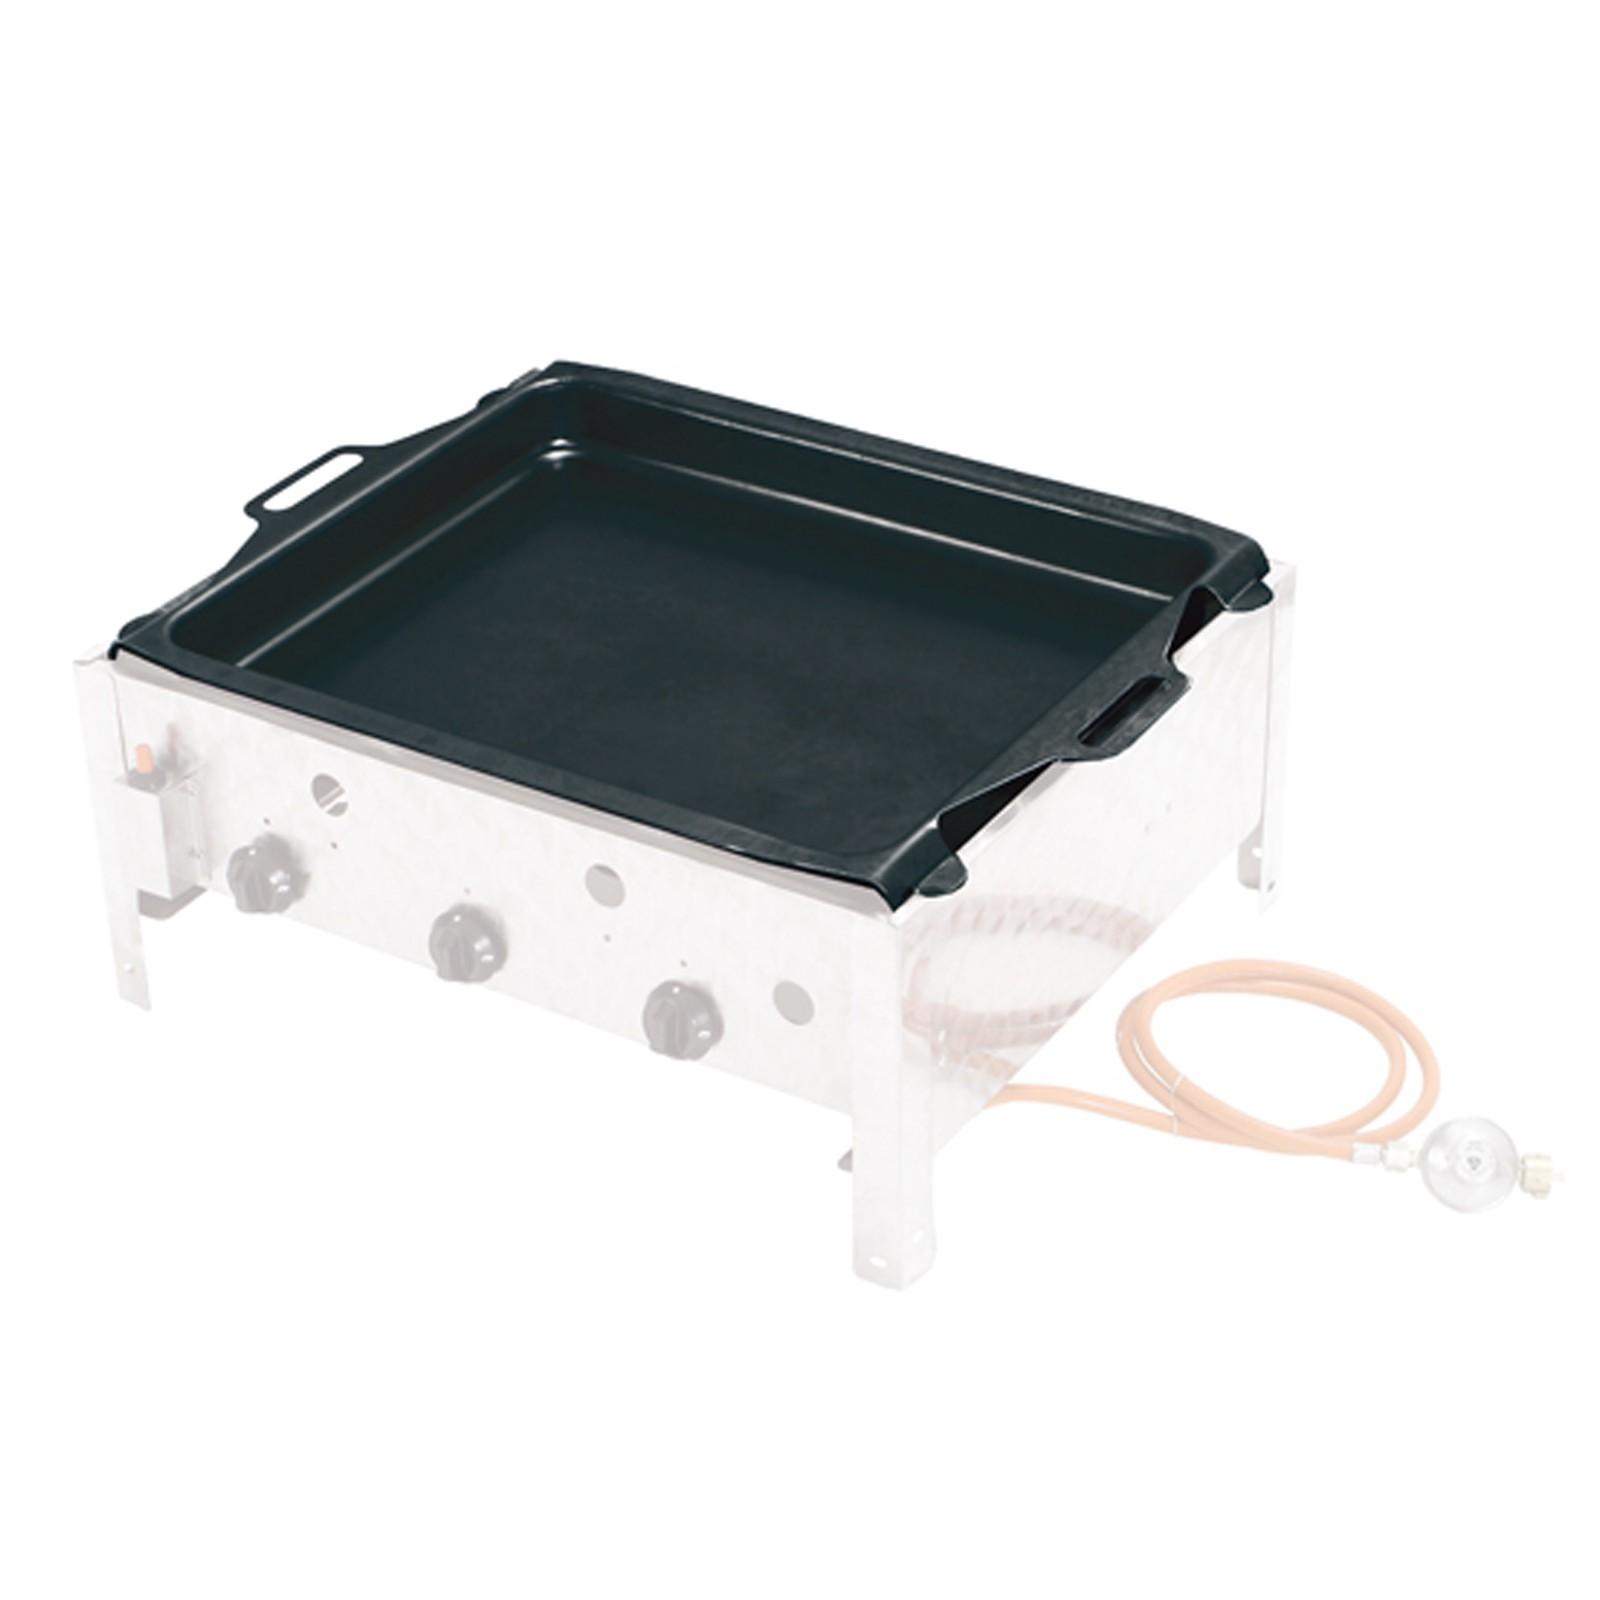 tepro grillpfanne emailliert f r gasbr ter 55 5 x 46 cm. Black Bedroom Furniture Sets. Home Design Ideas